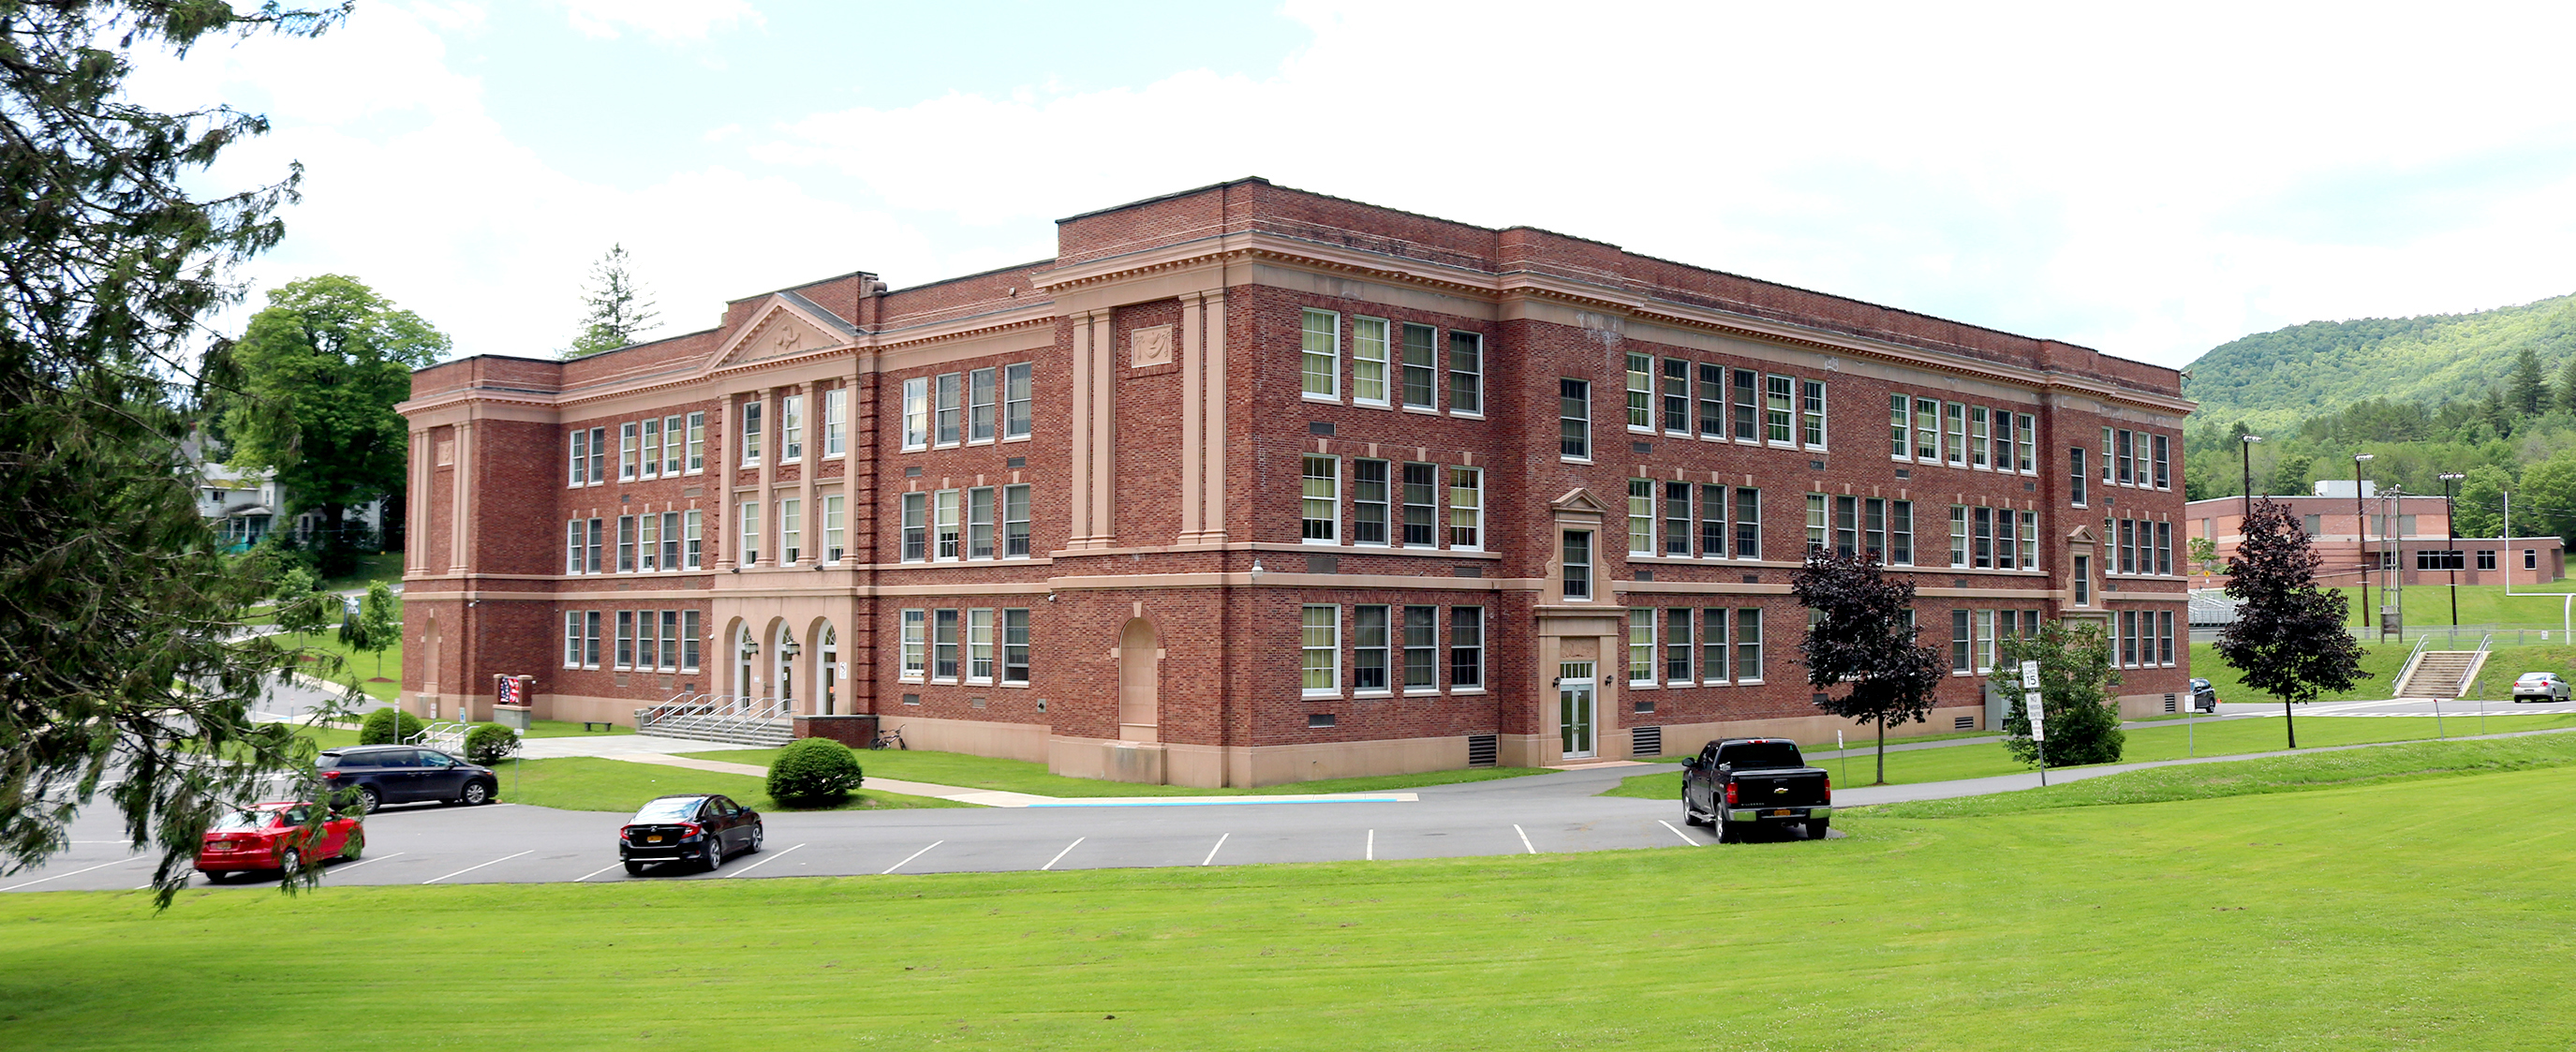 Hancock Central School (file photo)